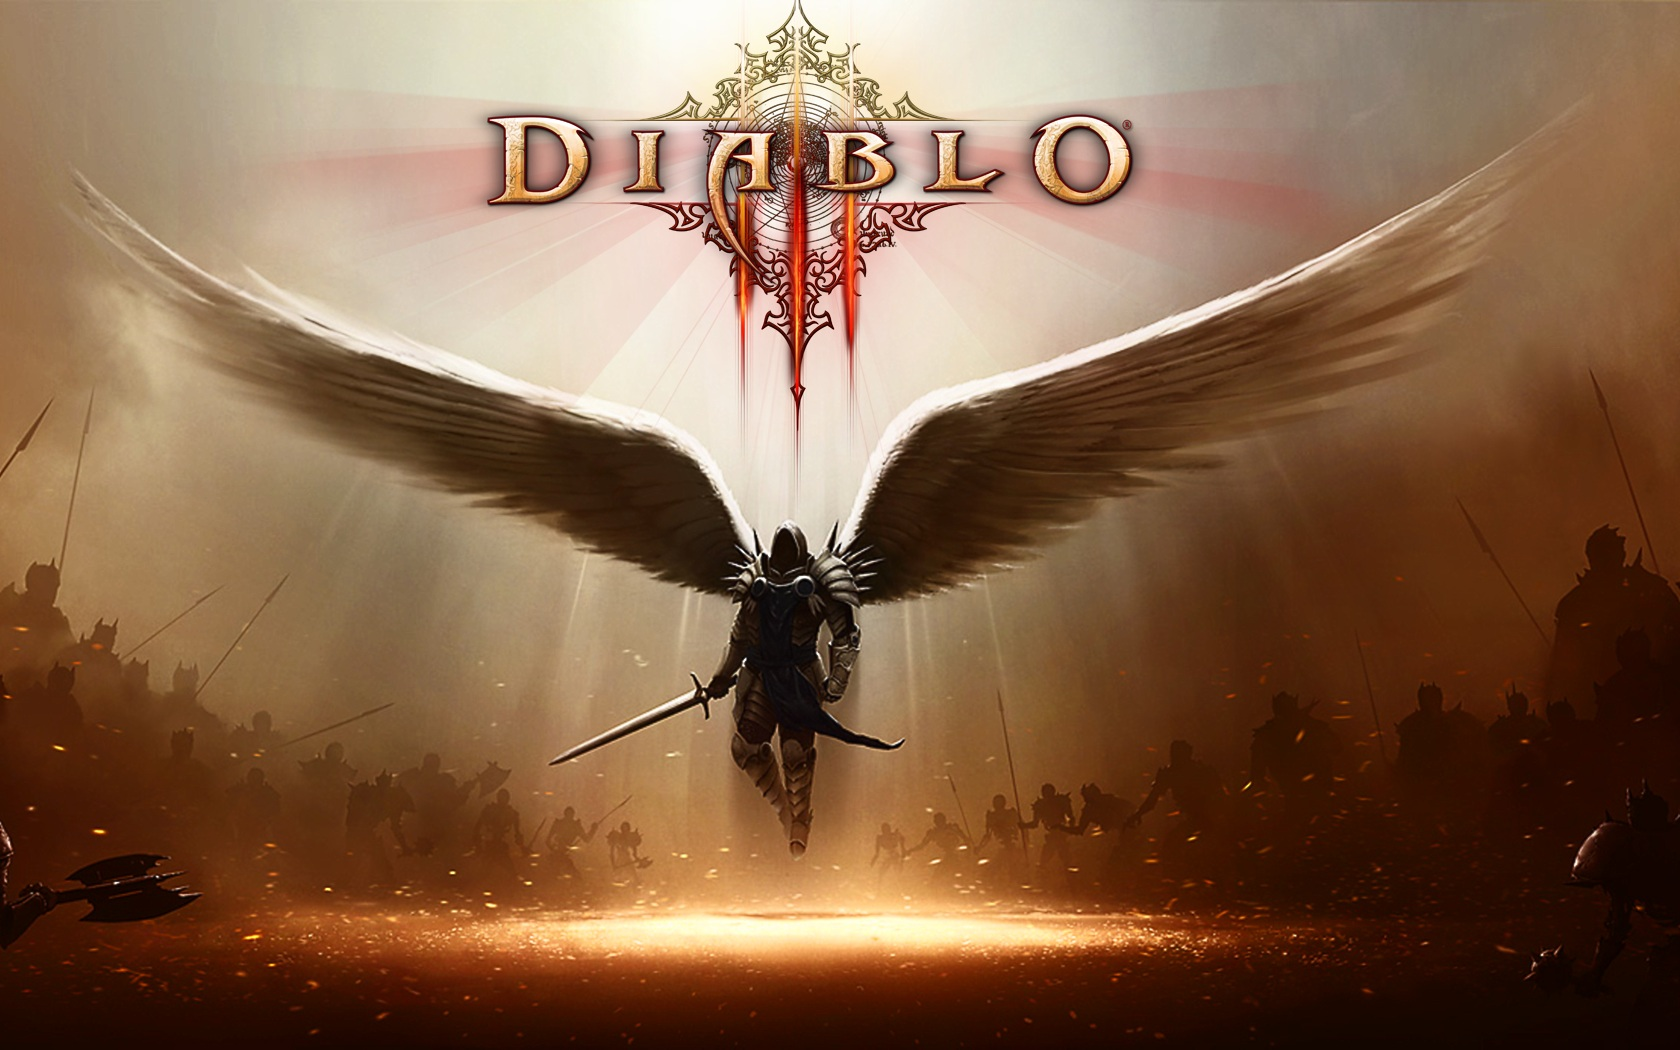 Diablo III Wallpaper By MajinKhaN